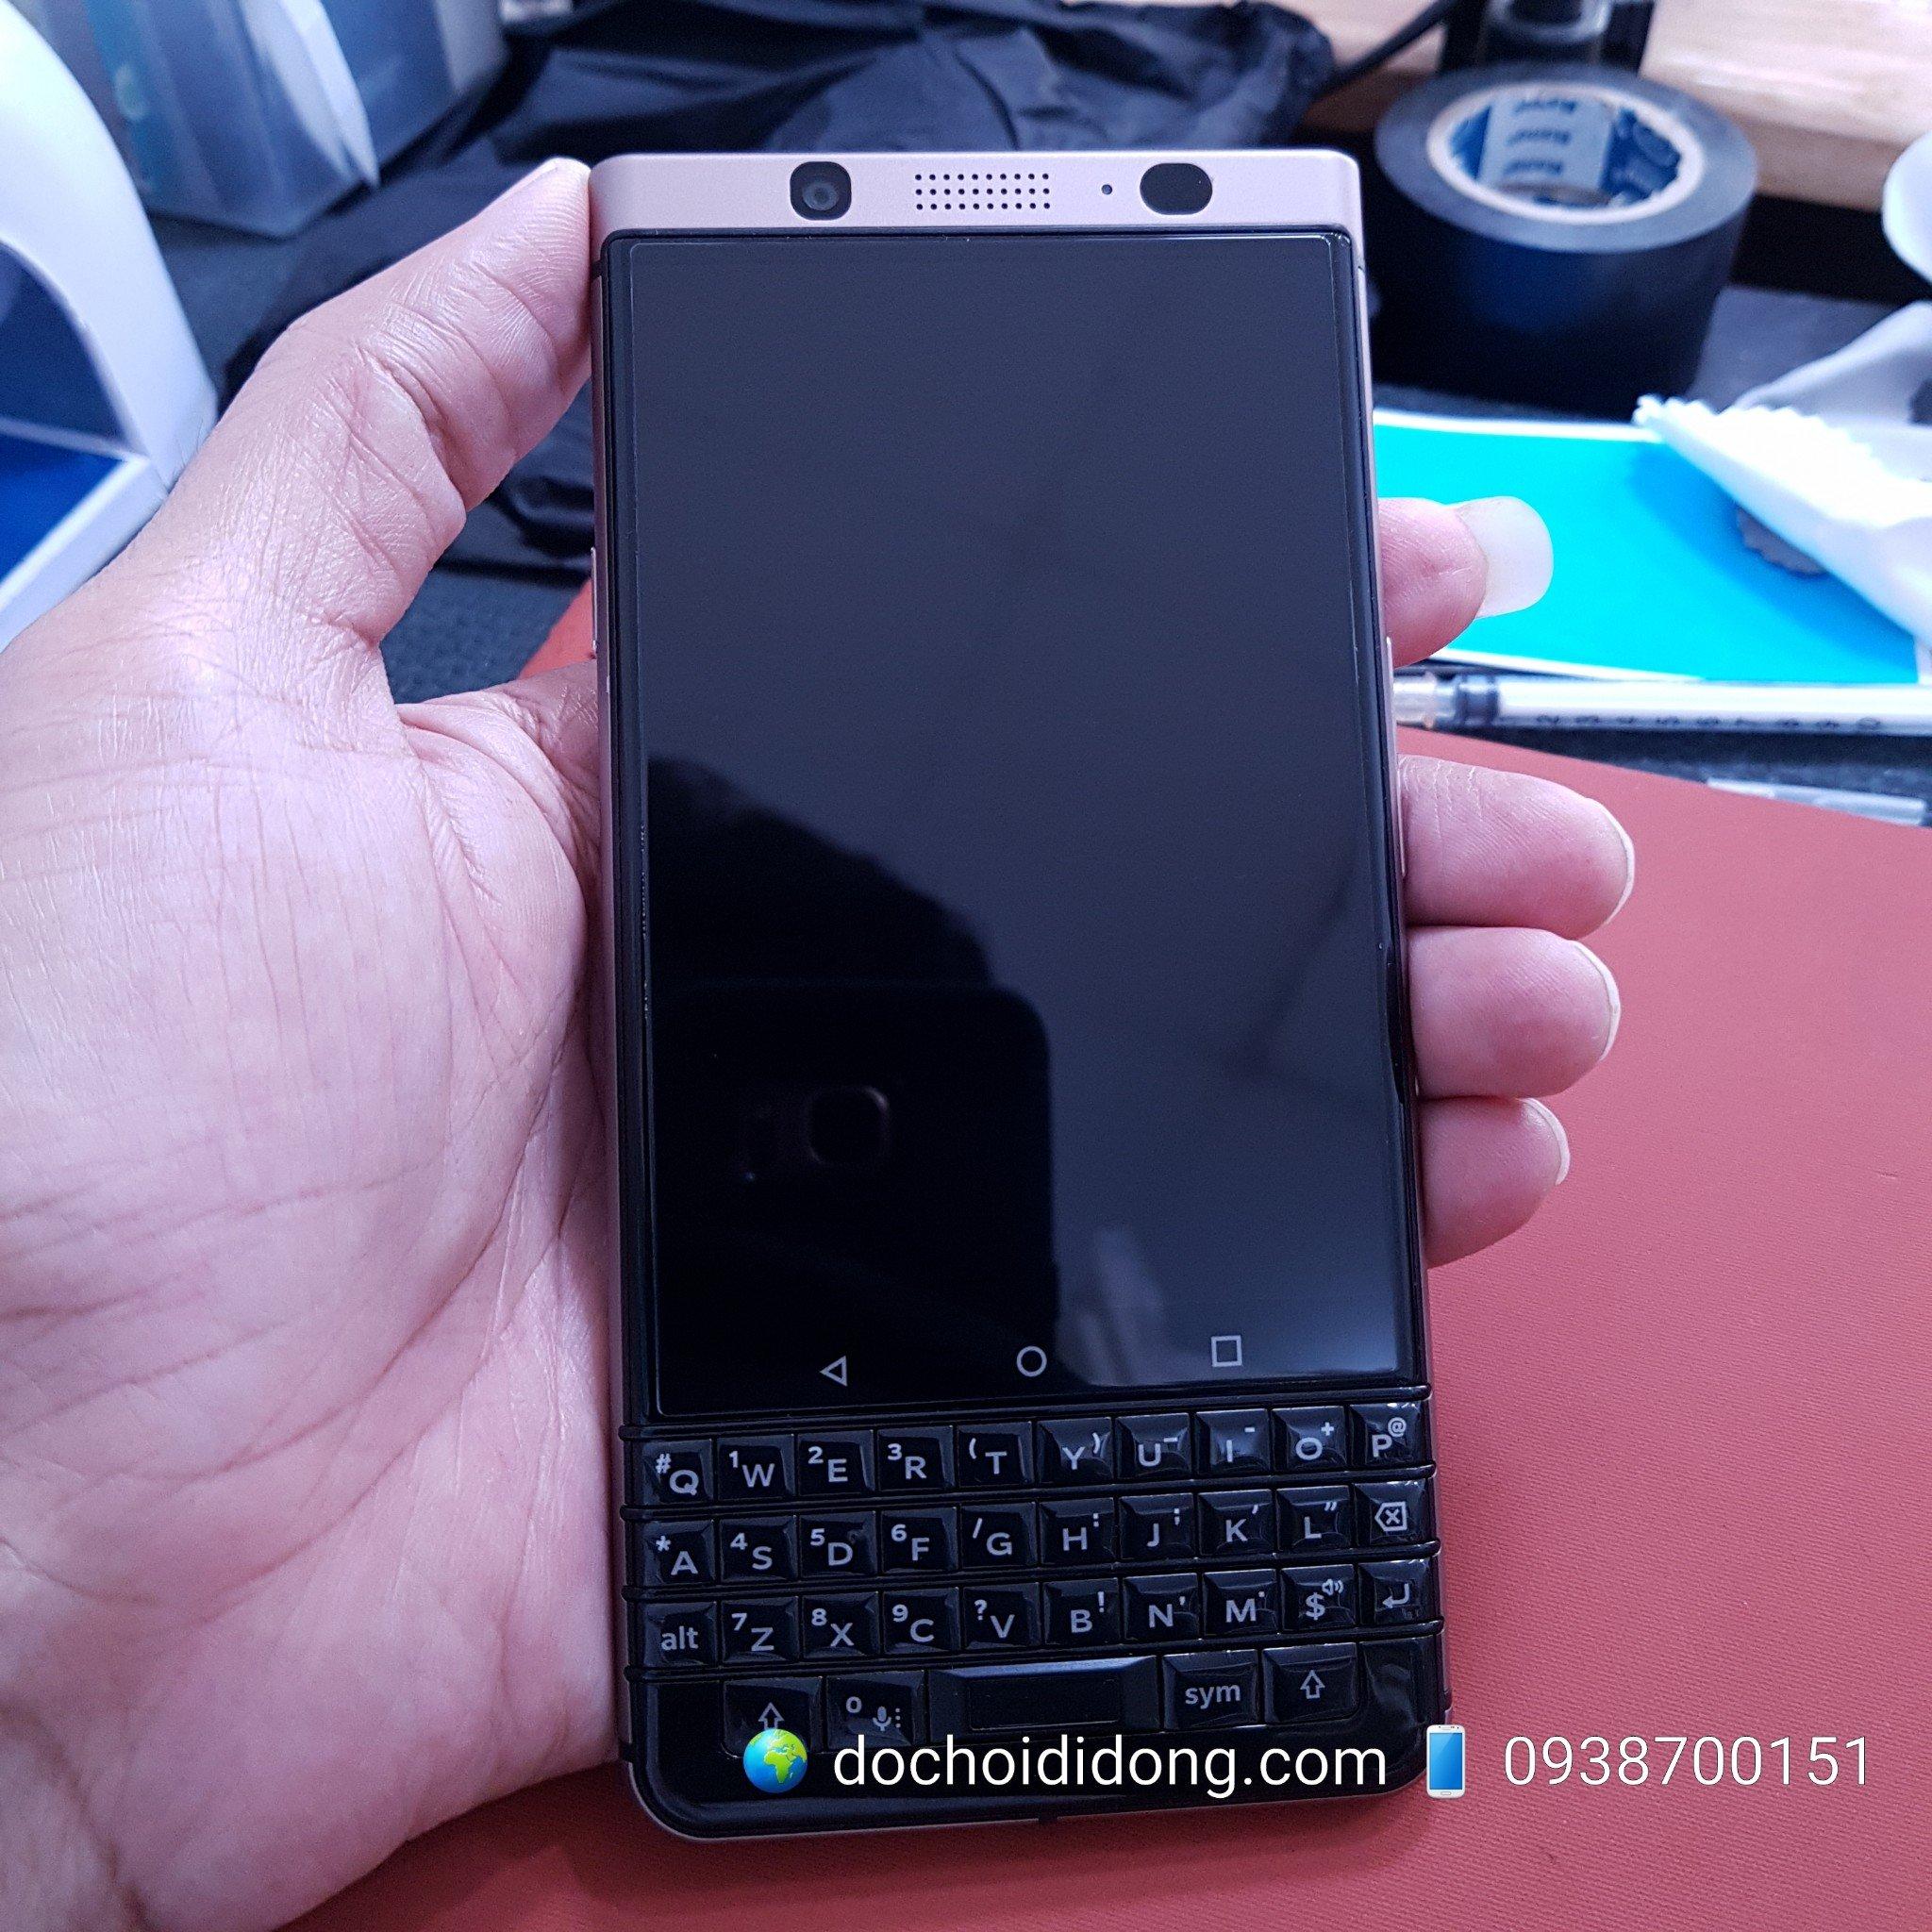 dan-cuong-luc-blackberry-key-1-key-2-9h-trong-suot-khong-full